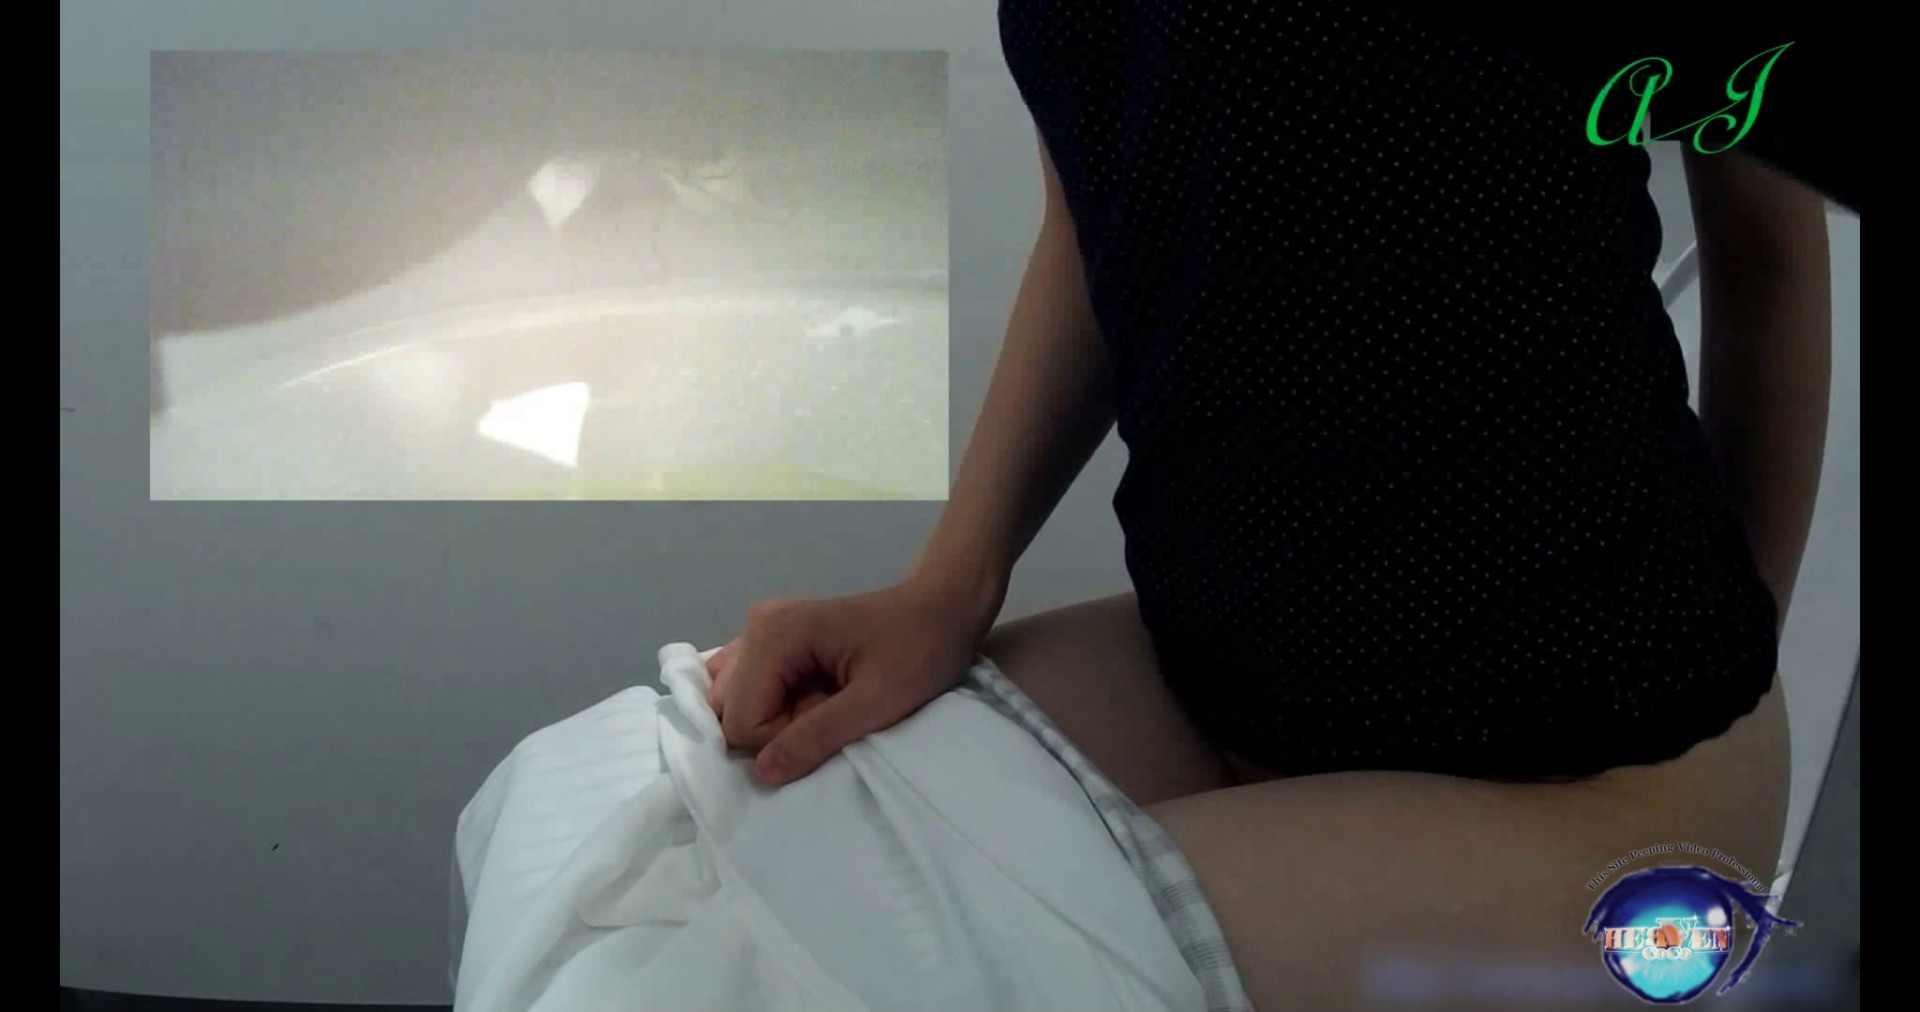 素敵なパンストお姉さん 有名大学女性洗面所 vol.73 OLエロ画像 隠し撮りおまんこ動画流出 56PICs 50